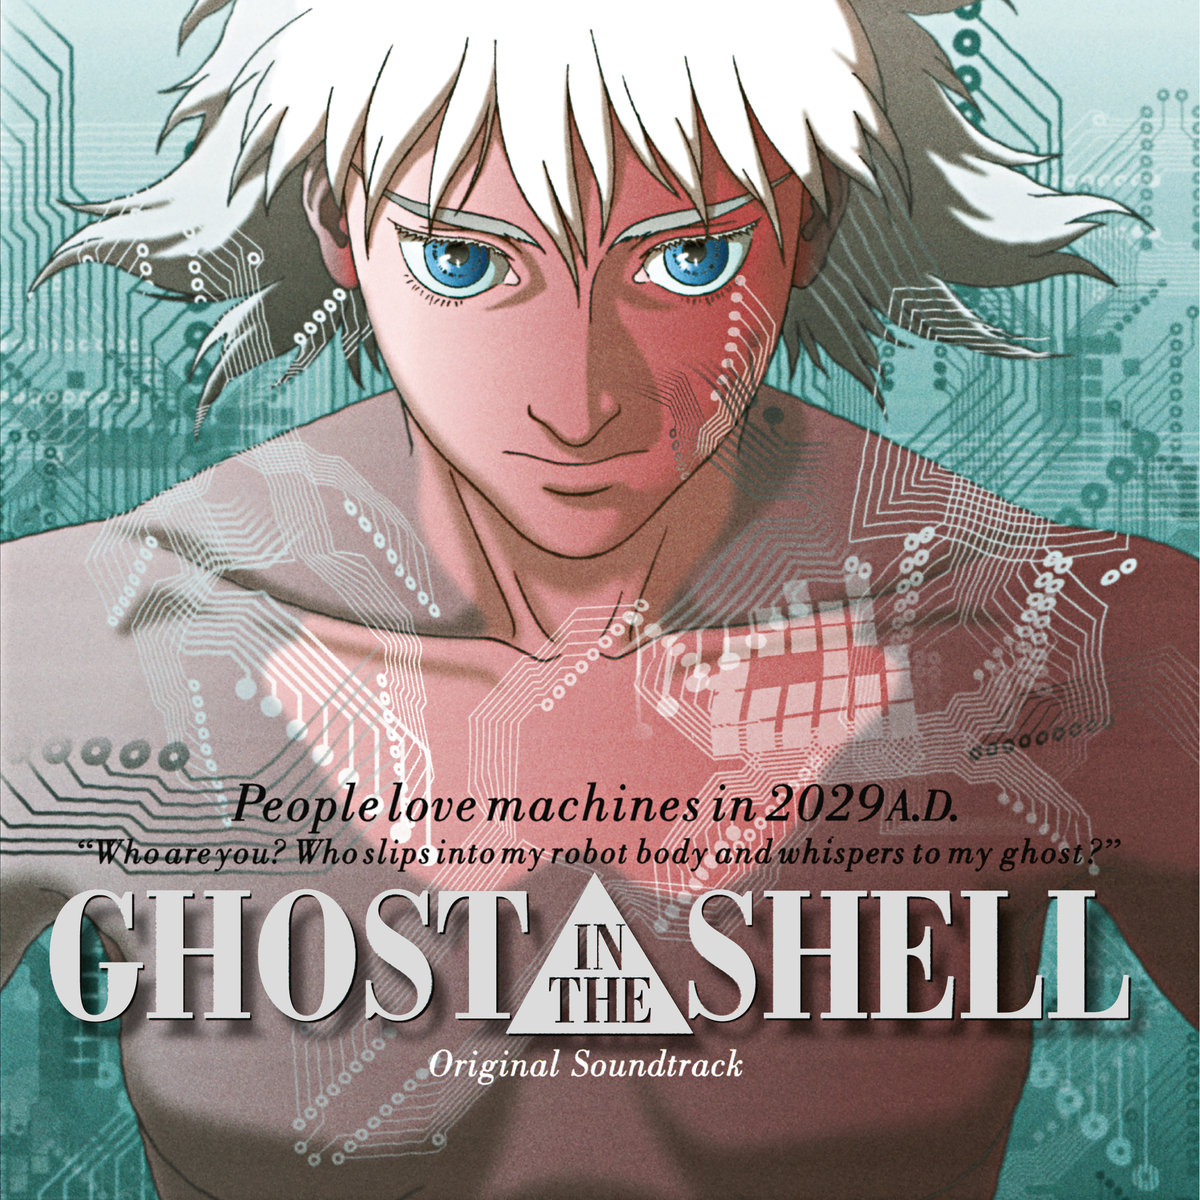 Оригинальный саундтрек к культовому аниме «Ghost In The Shell» получит первый официальный релиз на виниле